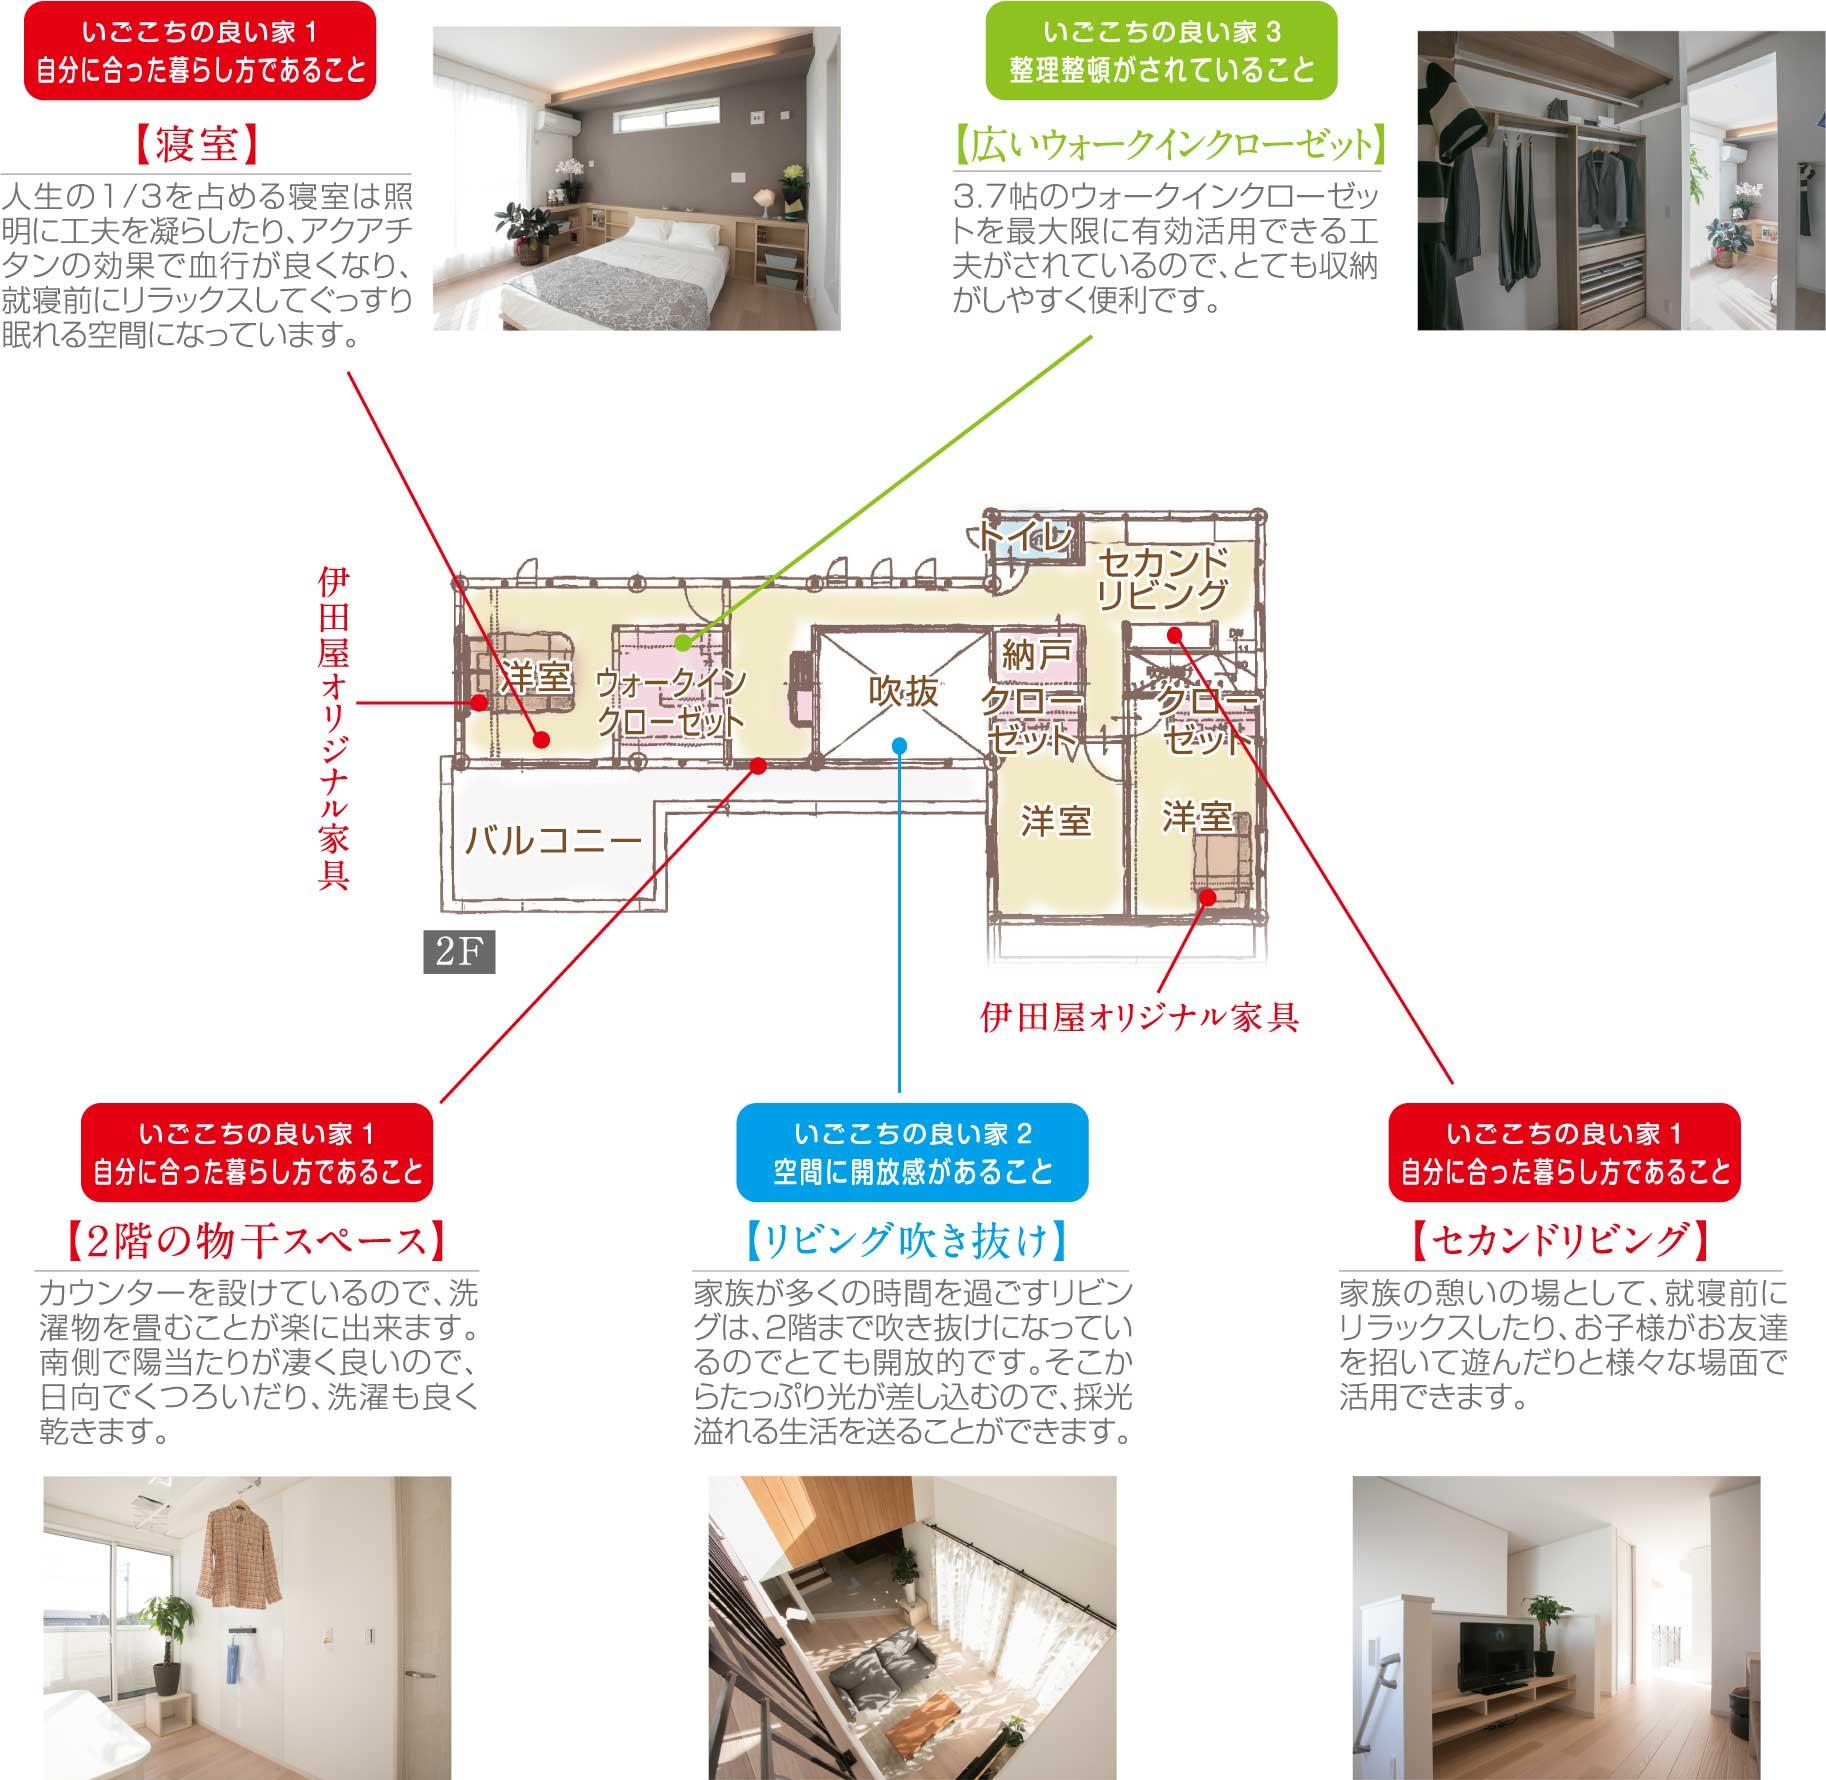 岐阜市茜部にある注文住宅展示場の2階間取り図。居心地の良い家にするためのポイントを記載。